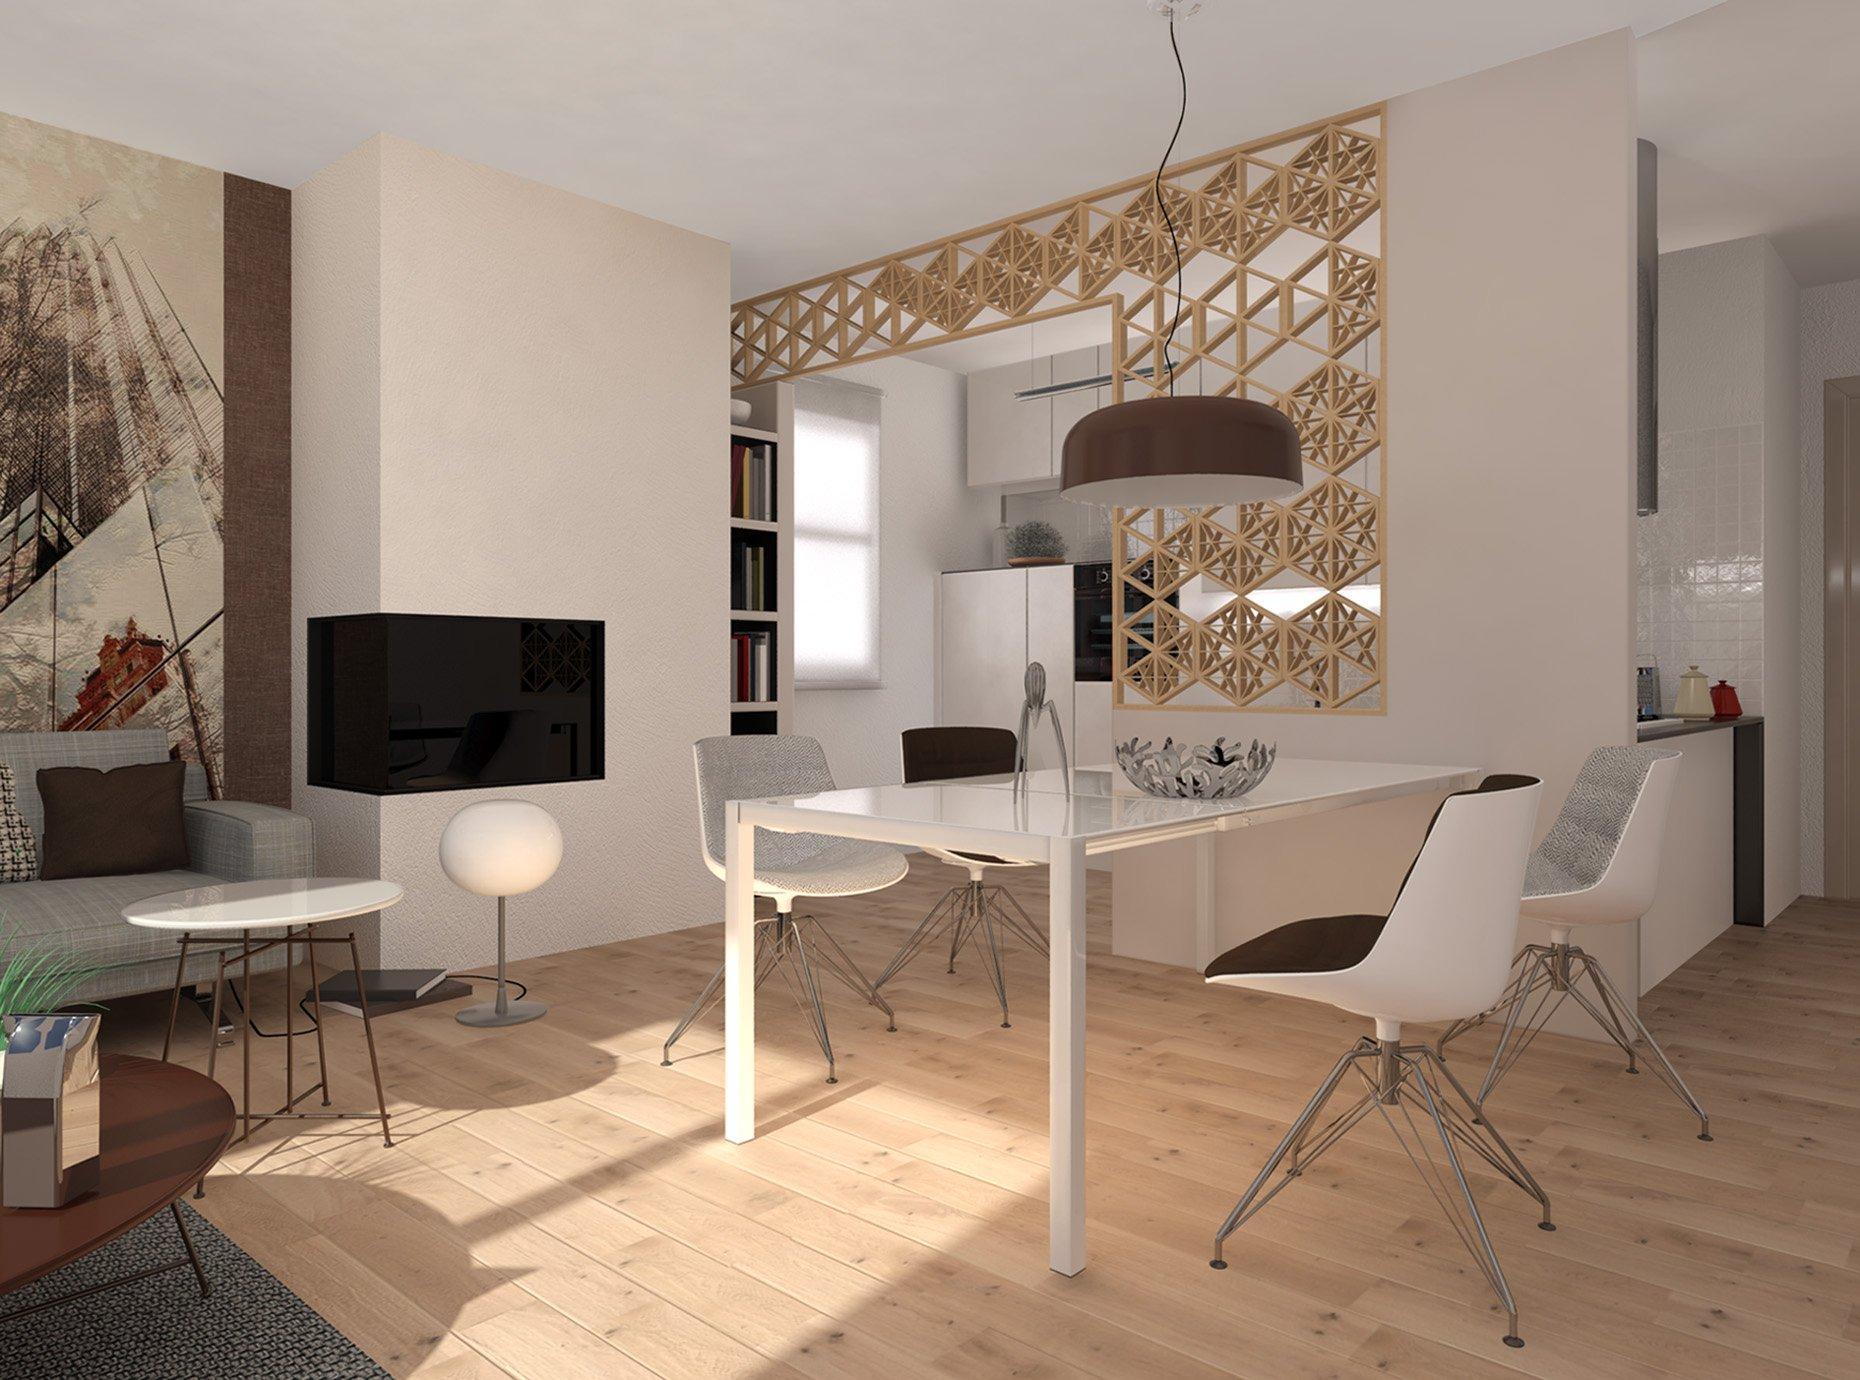 Dividere cucina e soggiorno cose di casa for Idee per dividere cucina e soggiorno